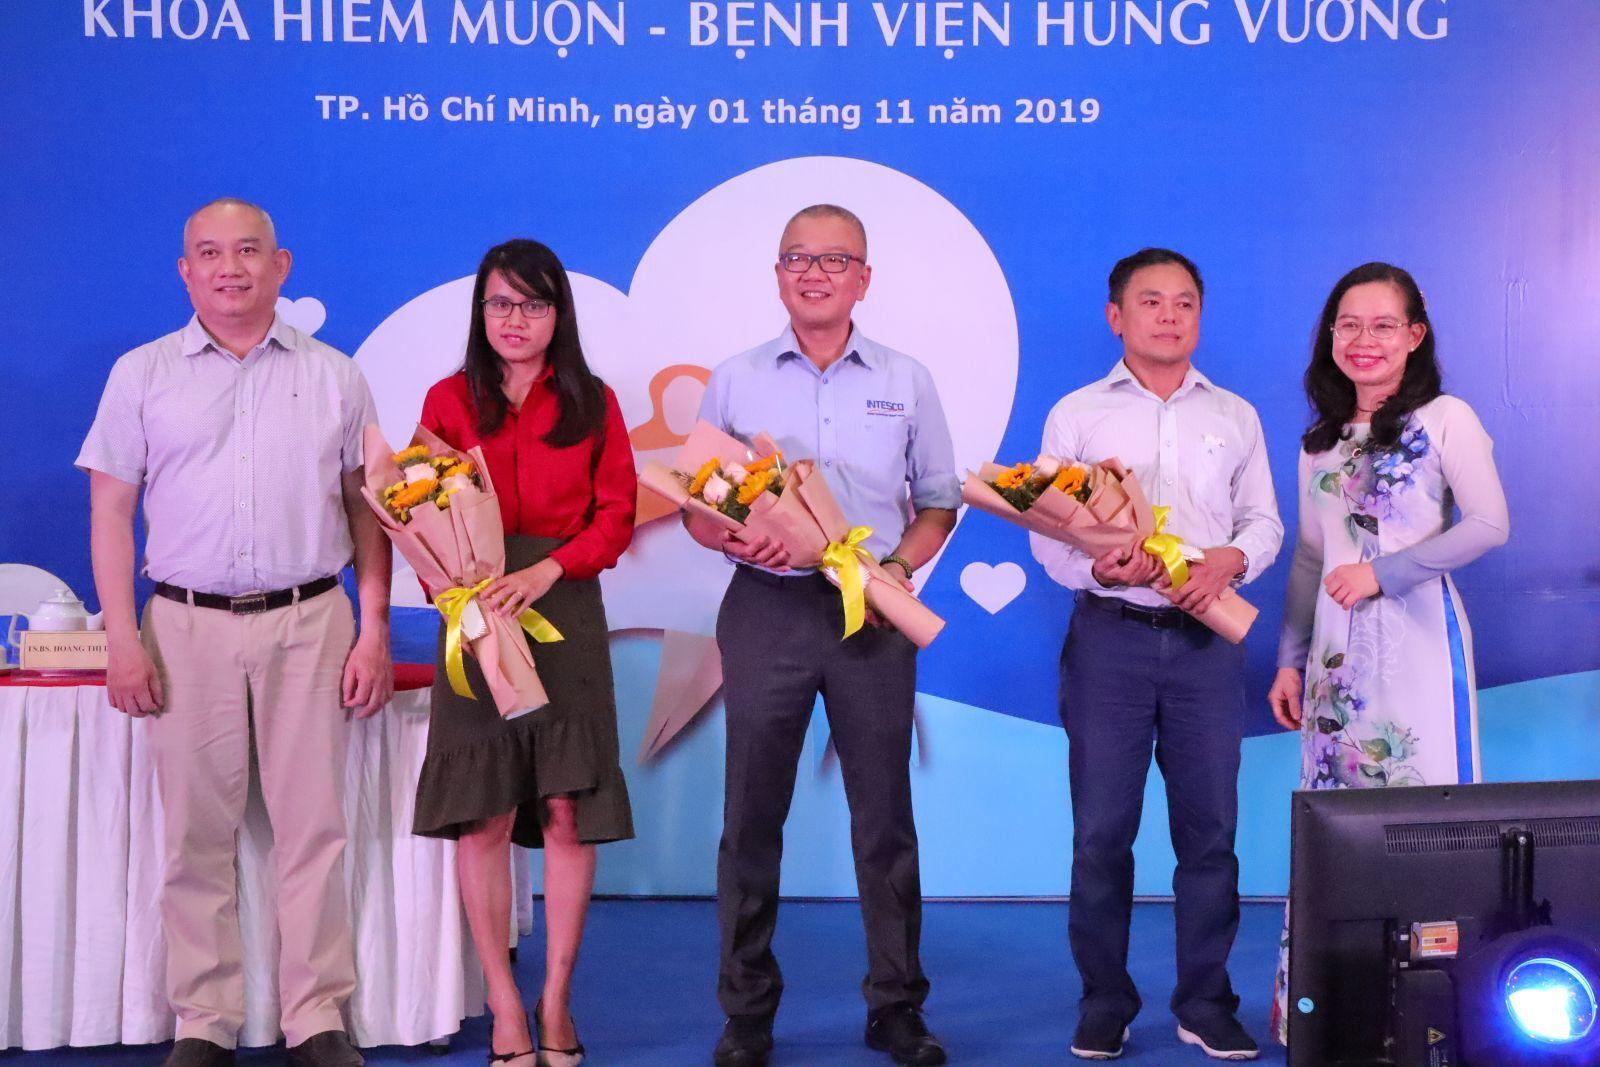 """Hội nghị """"Kỷ niệm 15 năm khoa Hiếm Muộn _ Bệnh viện Hùng Vương"""""""